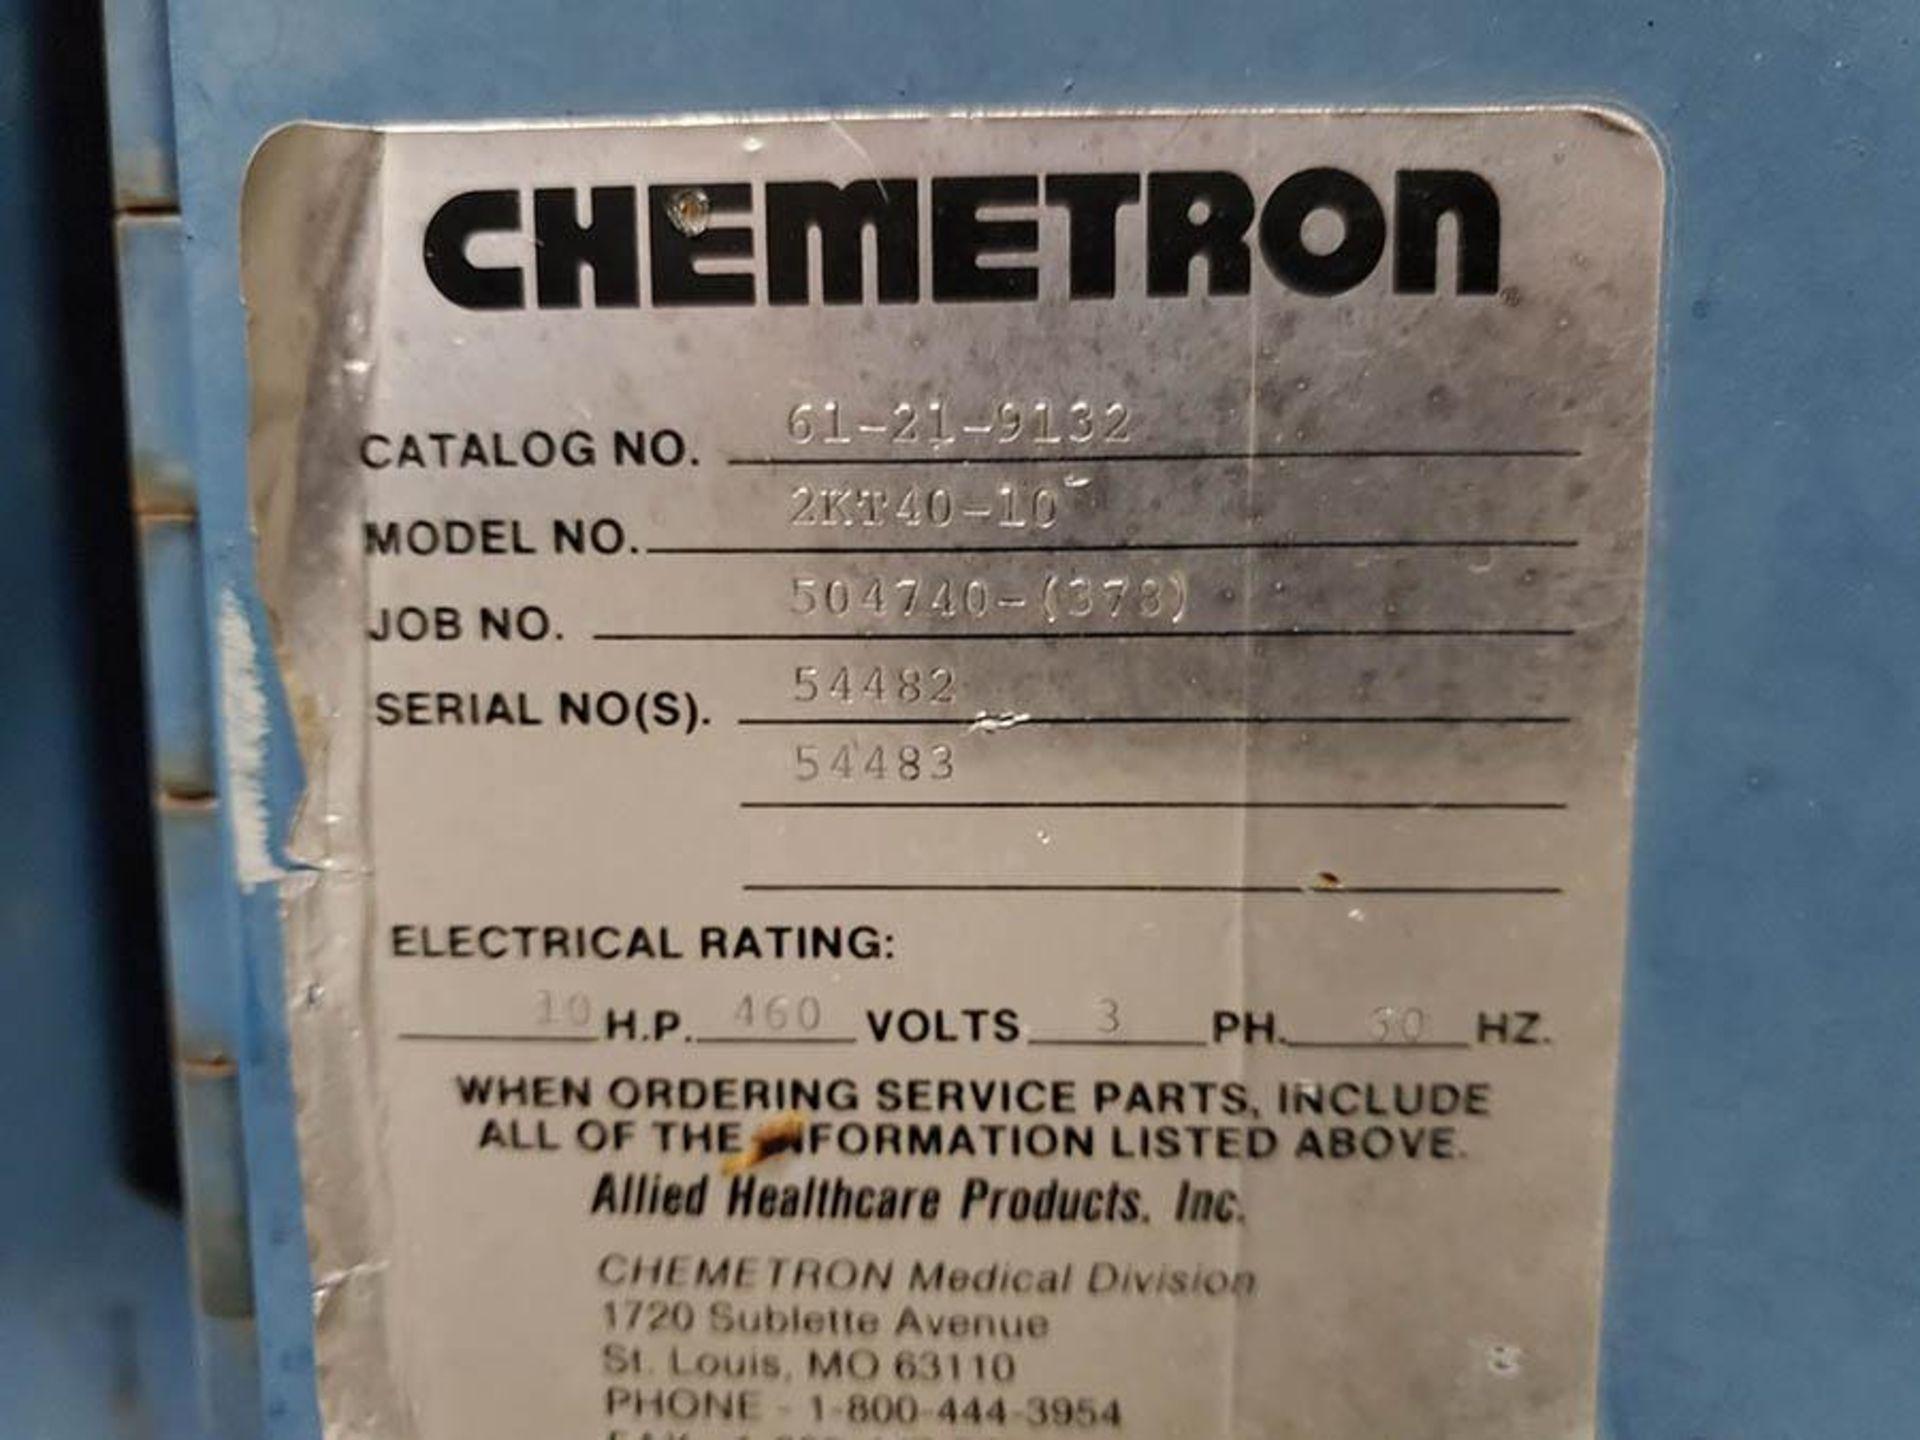 CHEMETRON MEDICAL AIR COMPRESSOR, MODEL 2KT40-10, 10 HP, 6 CYLINDER - Image 6 of 8